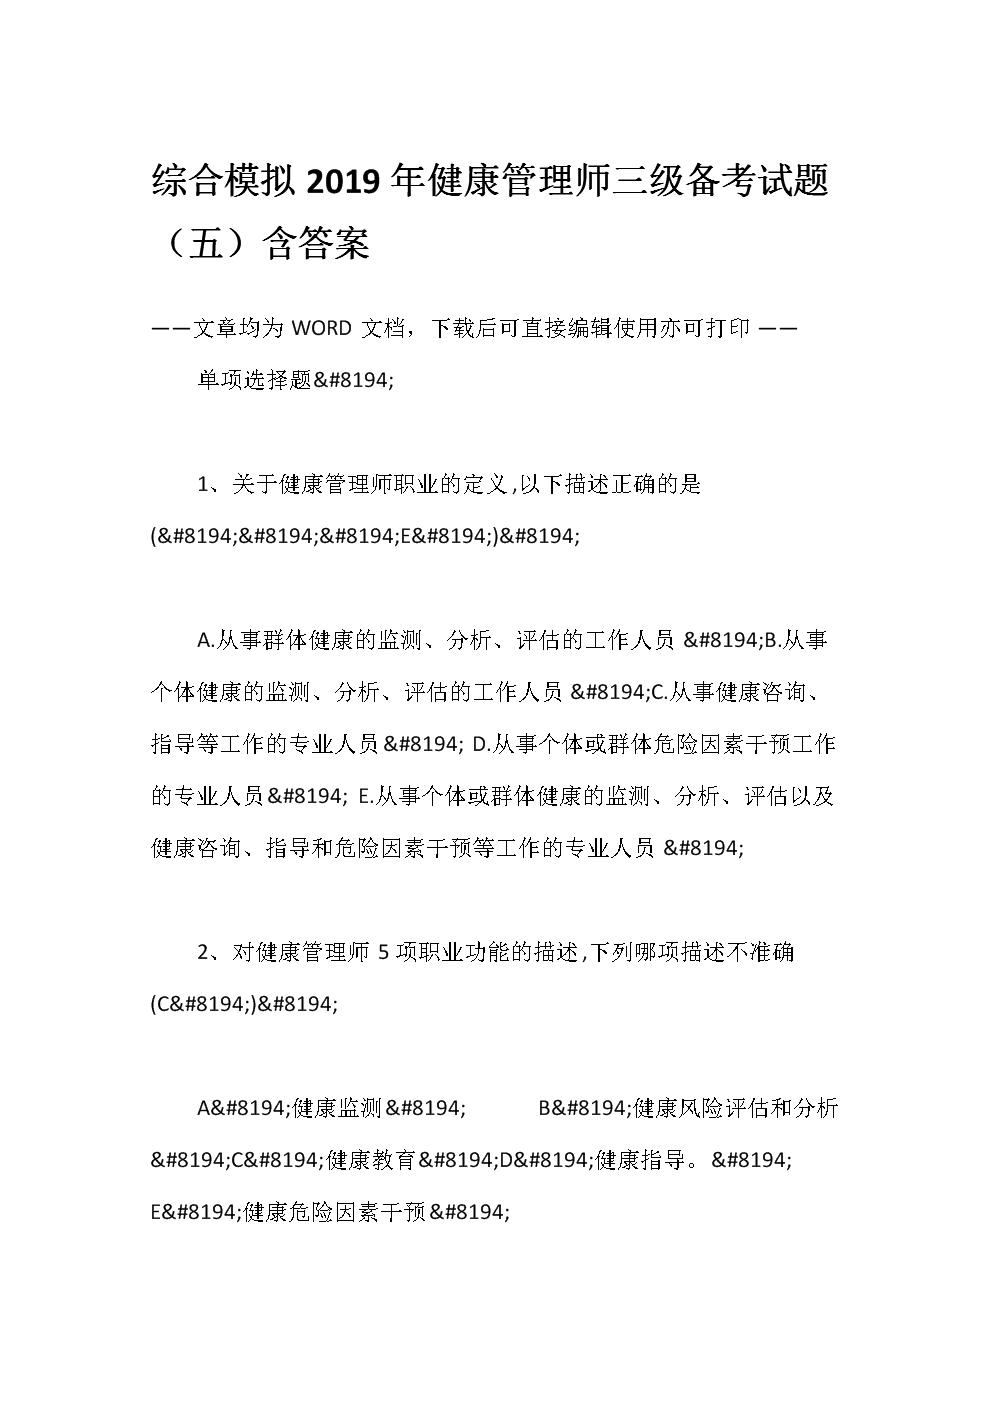 綜合模擬2019年健康管理師三級備考試題(五)含答案.docx